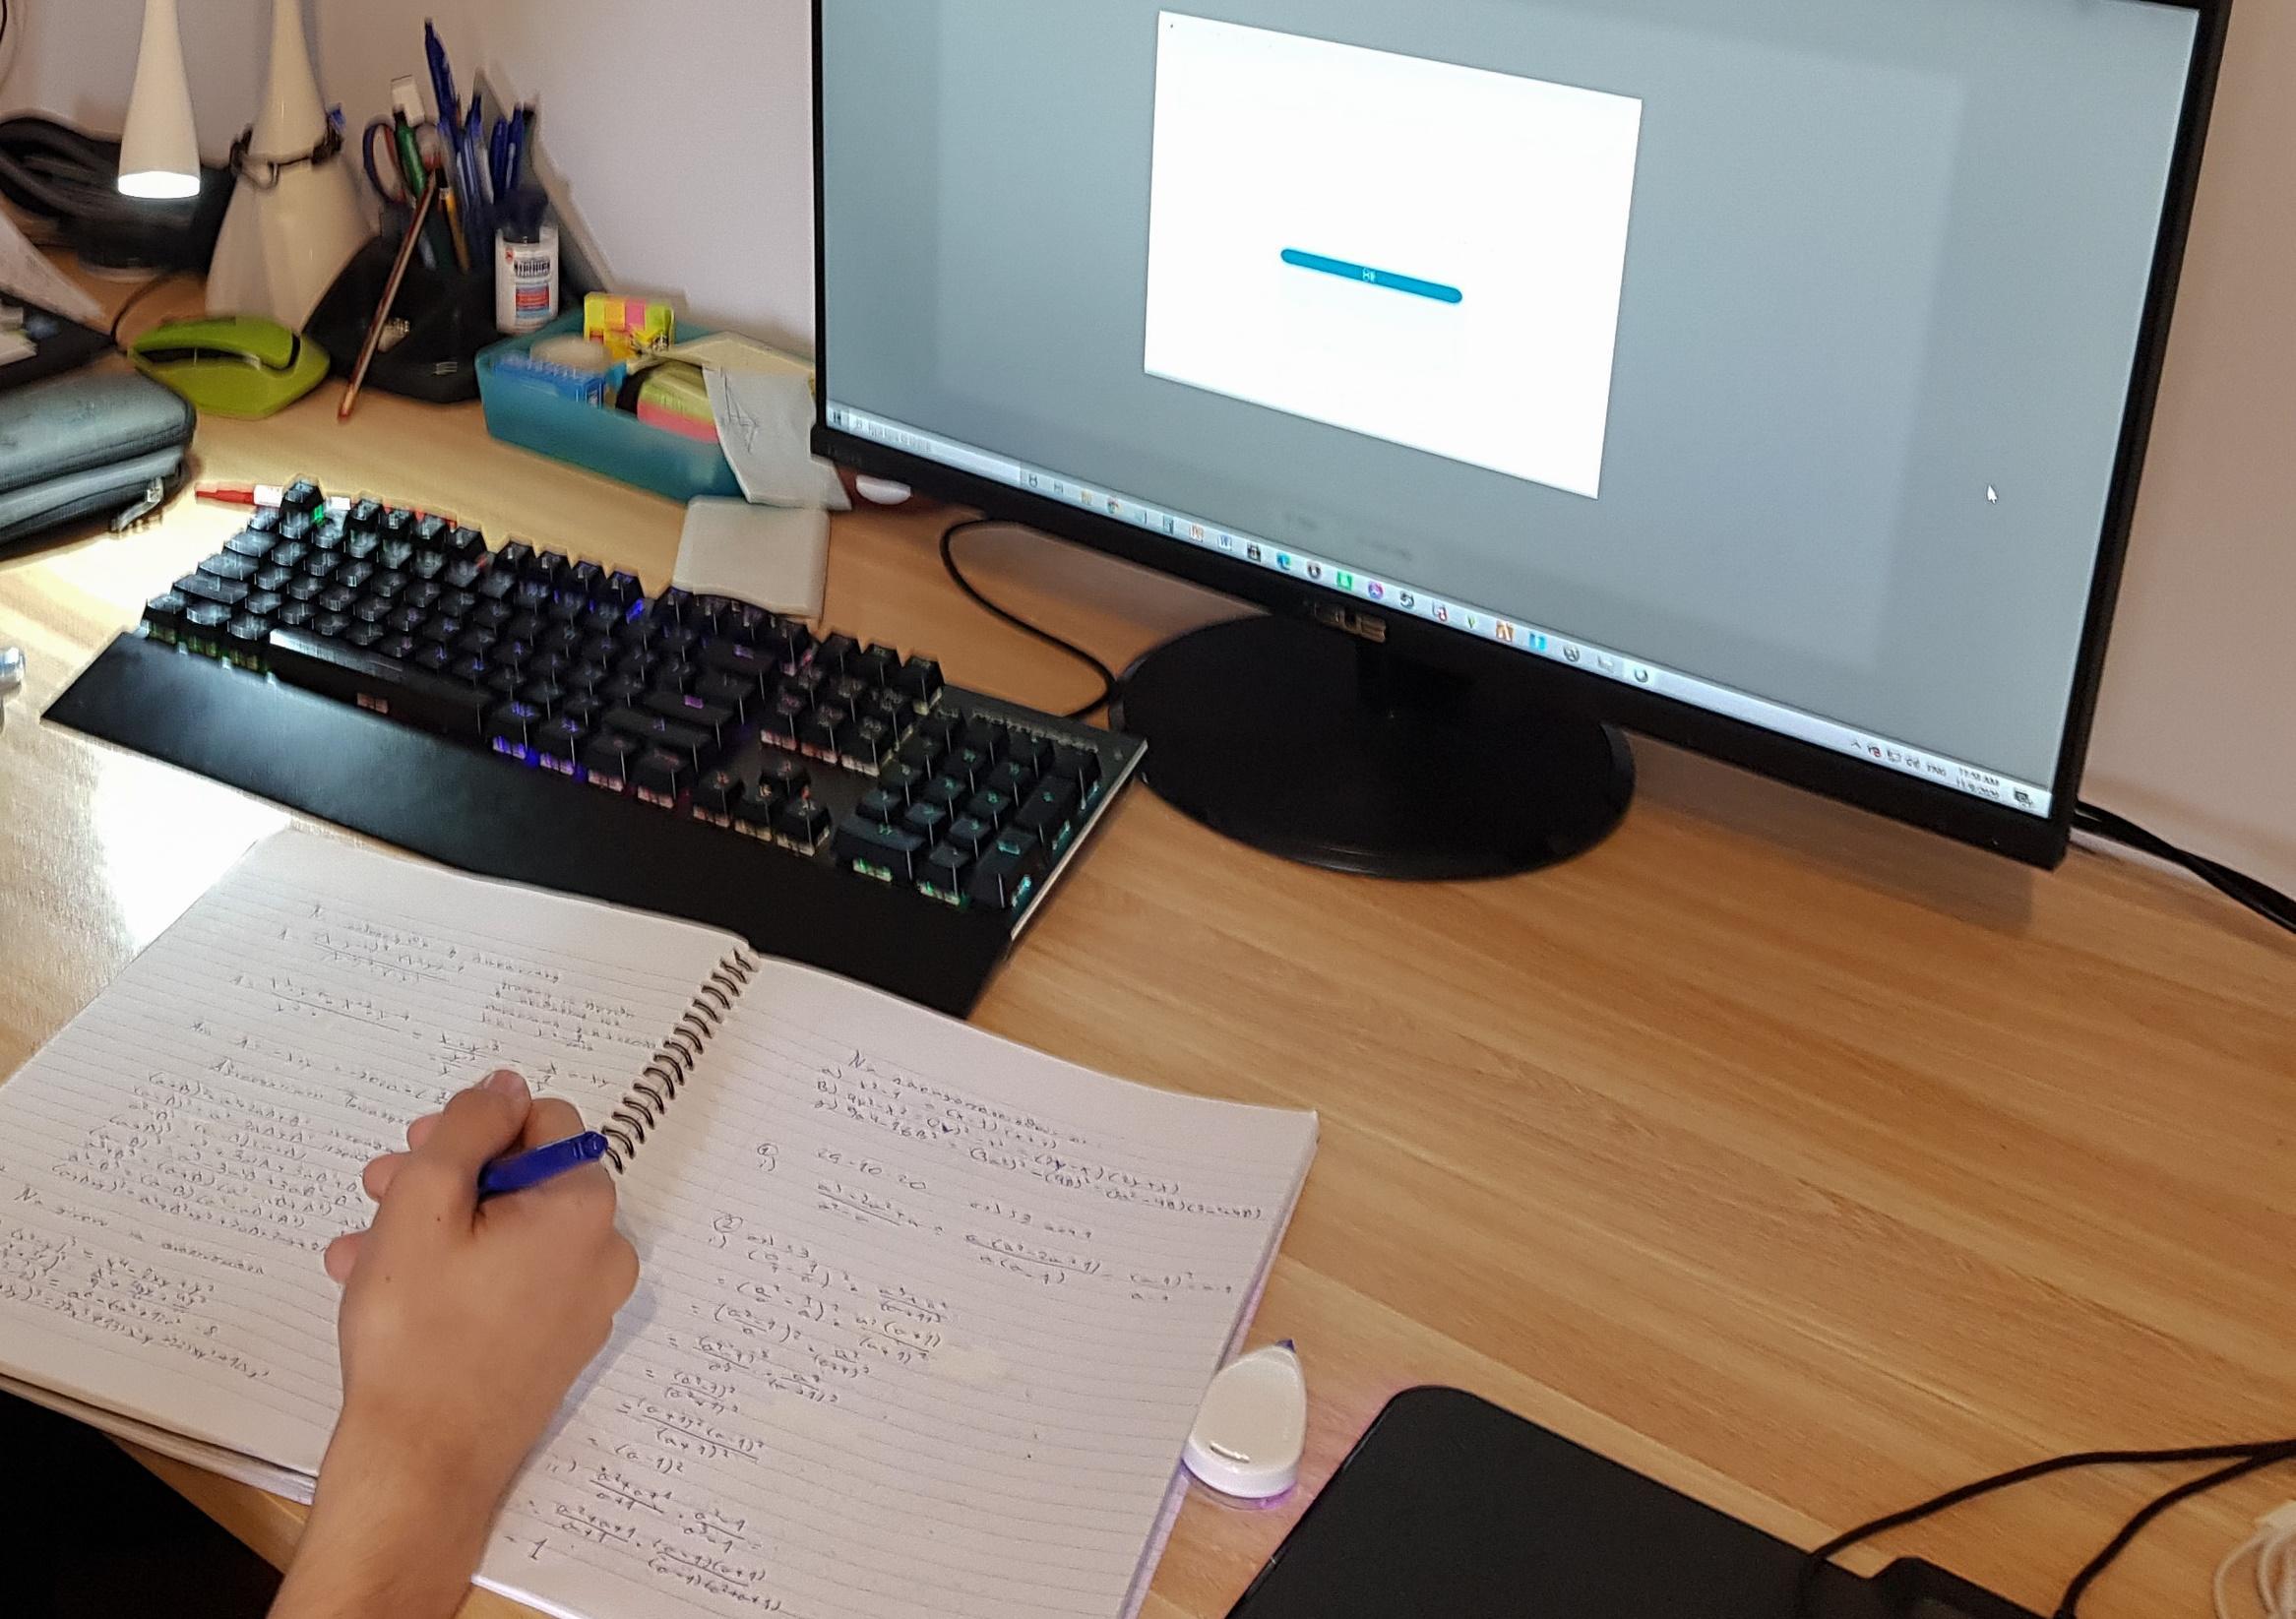 Σοκ σε  τηλεκπαίδευση: Π@ρνό σε διαδικτυακή τάξη